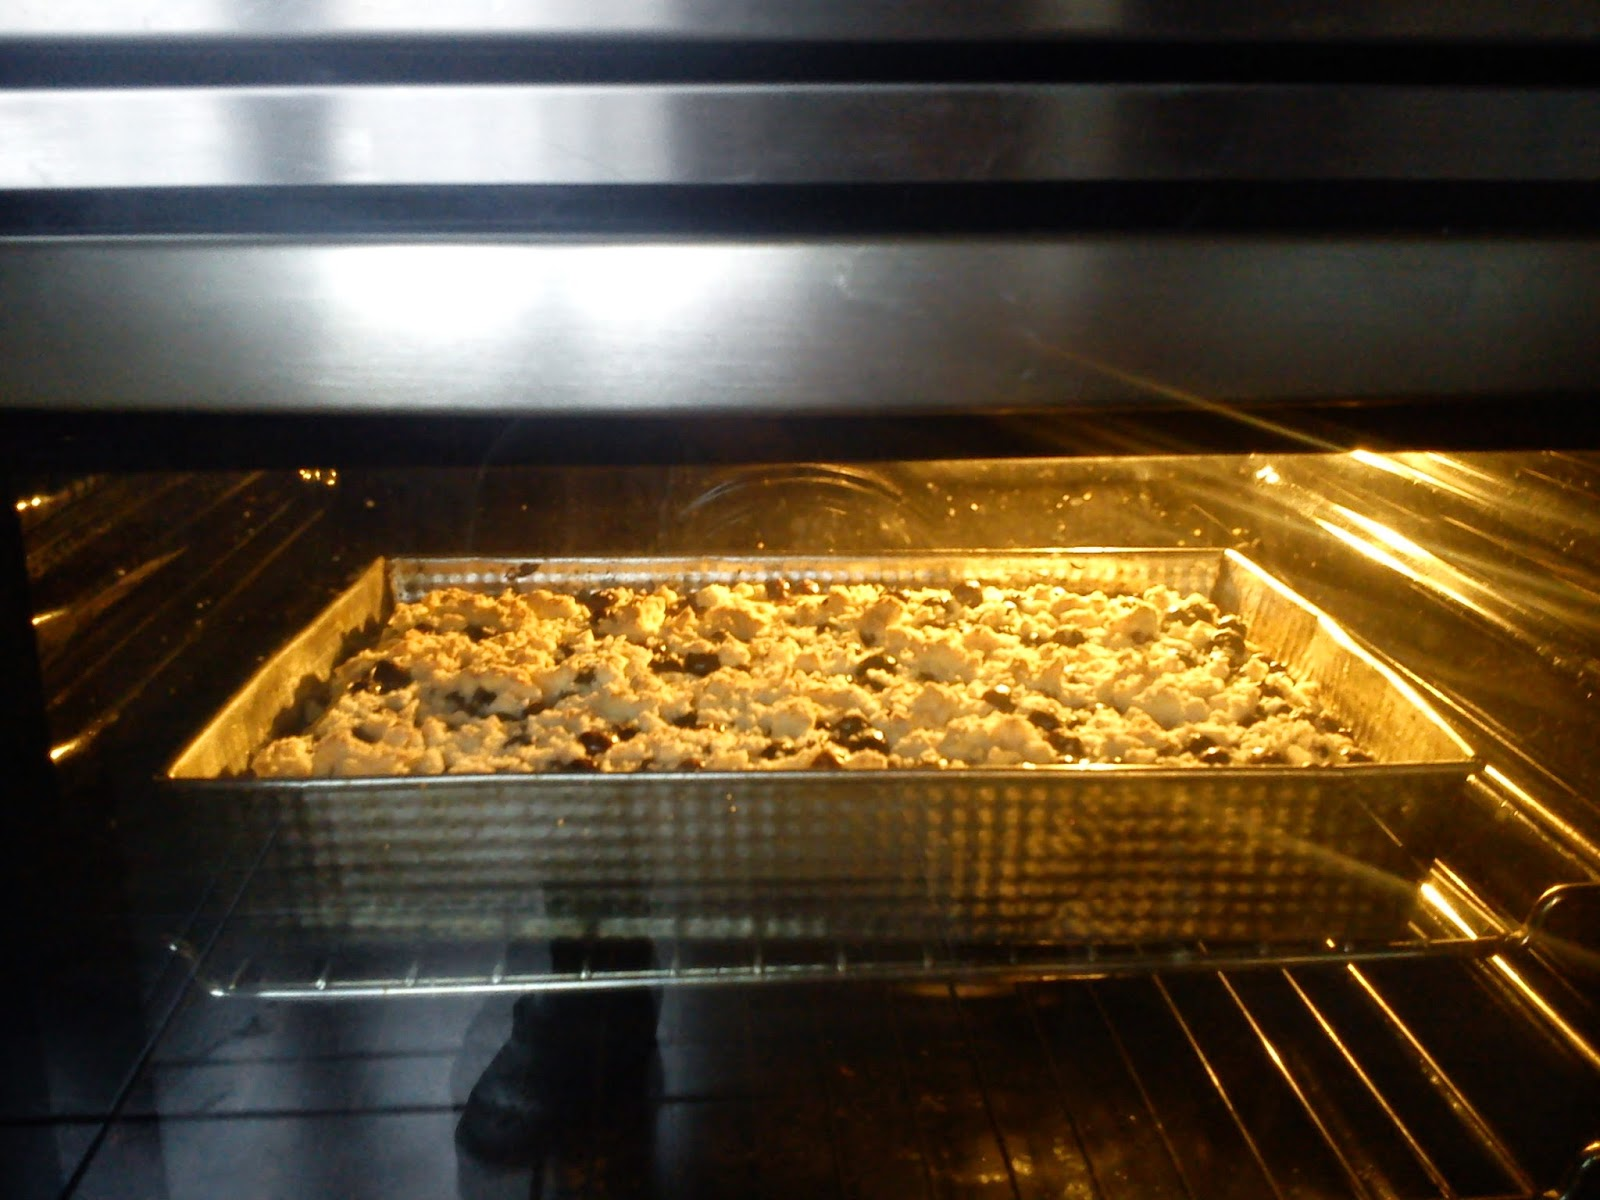 Jak sprawdzić czy nasz piekarnik dobrze grzeje?